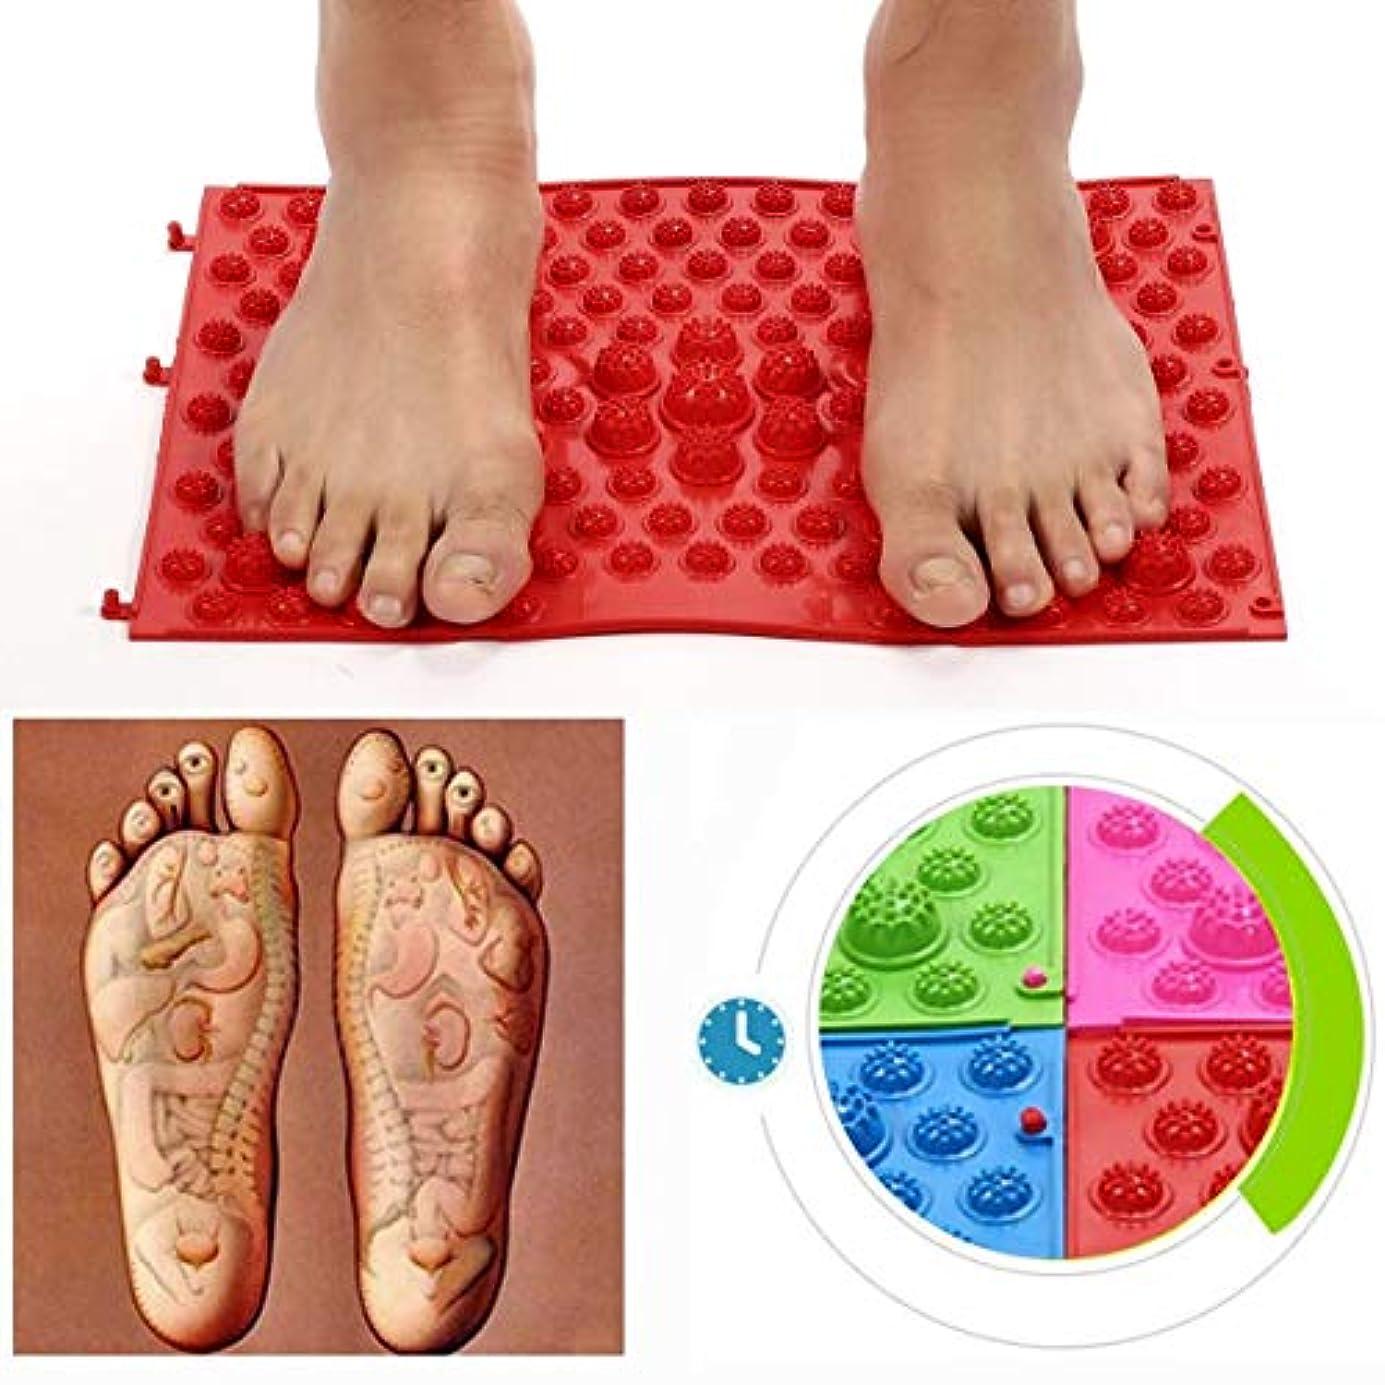 空中励起クレタAcupressure Foot Mats Running Man Game Same Type Foot Reflexology Walking Massage Mat for Pain Relief Stress Relief...